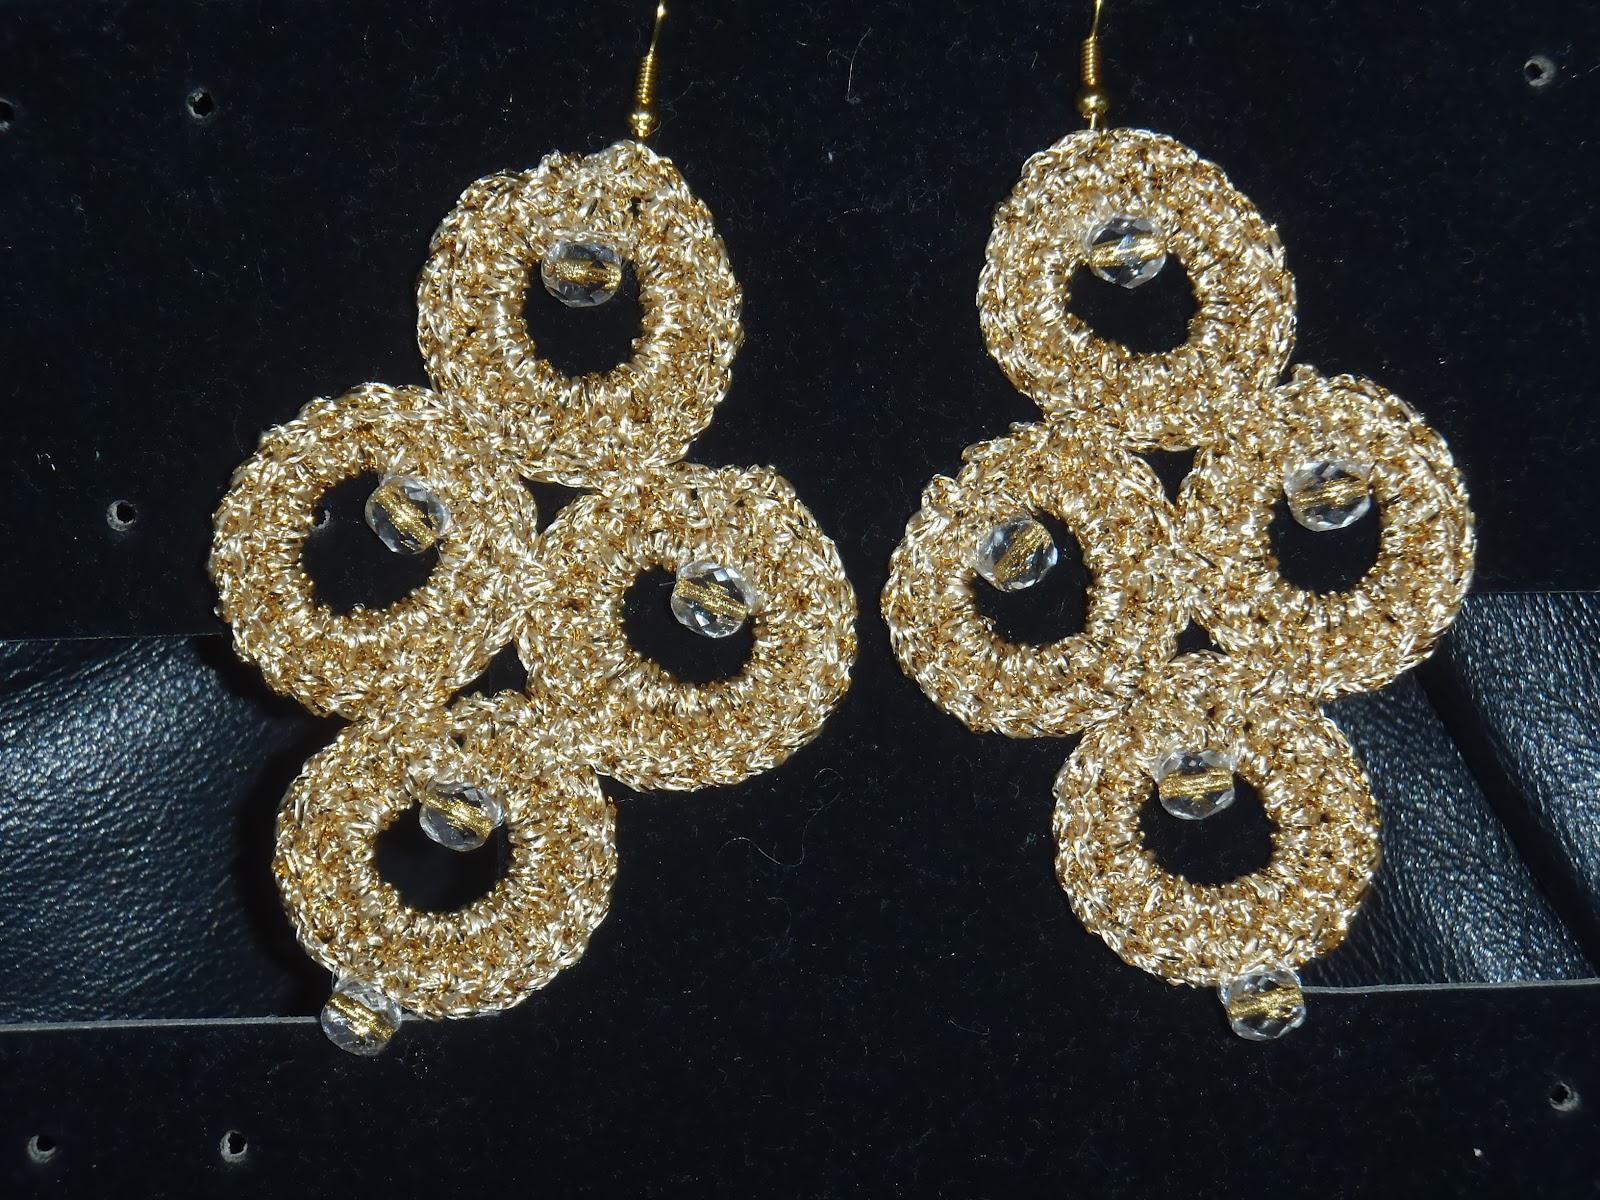 Sara nel mondo del crochet orecchini all 39 uncinetto oro for Immagini uncinetto